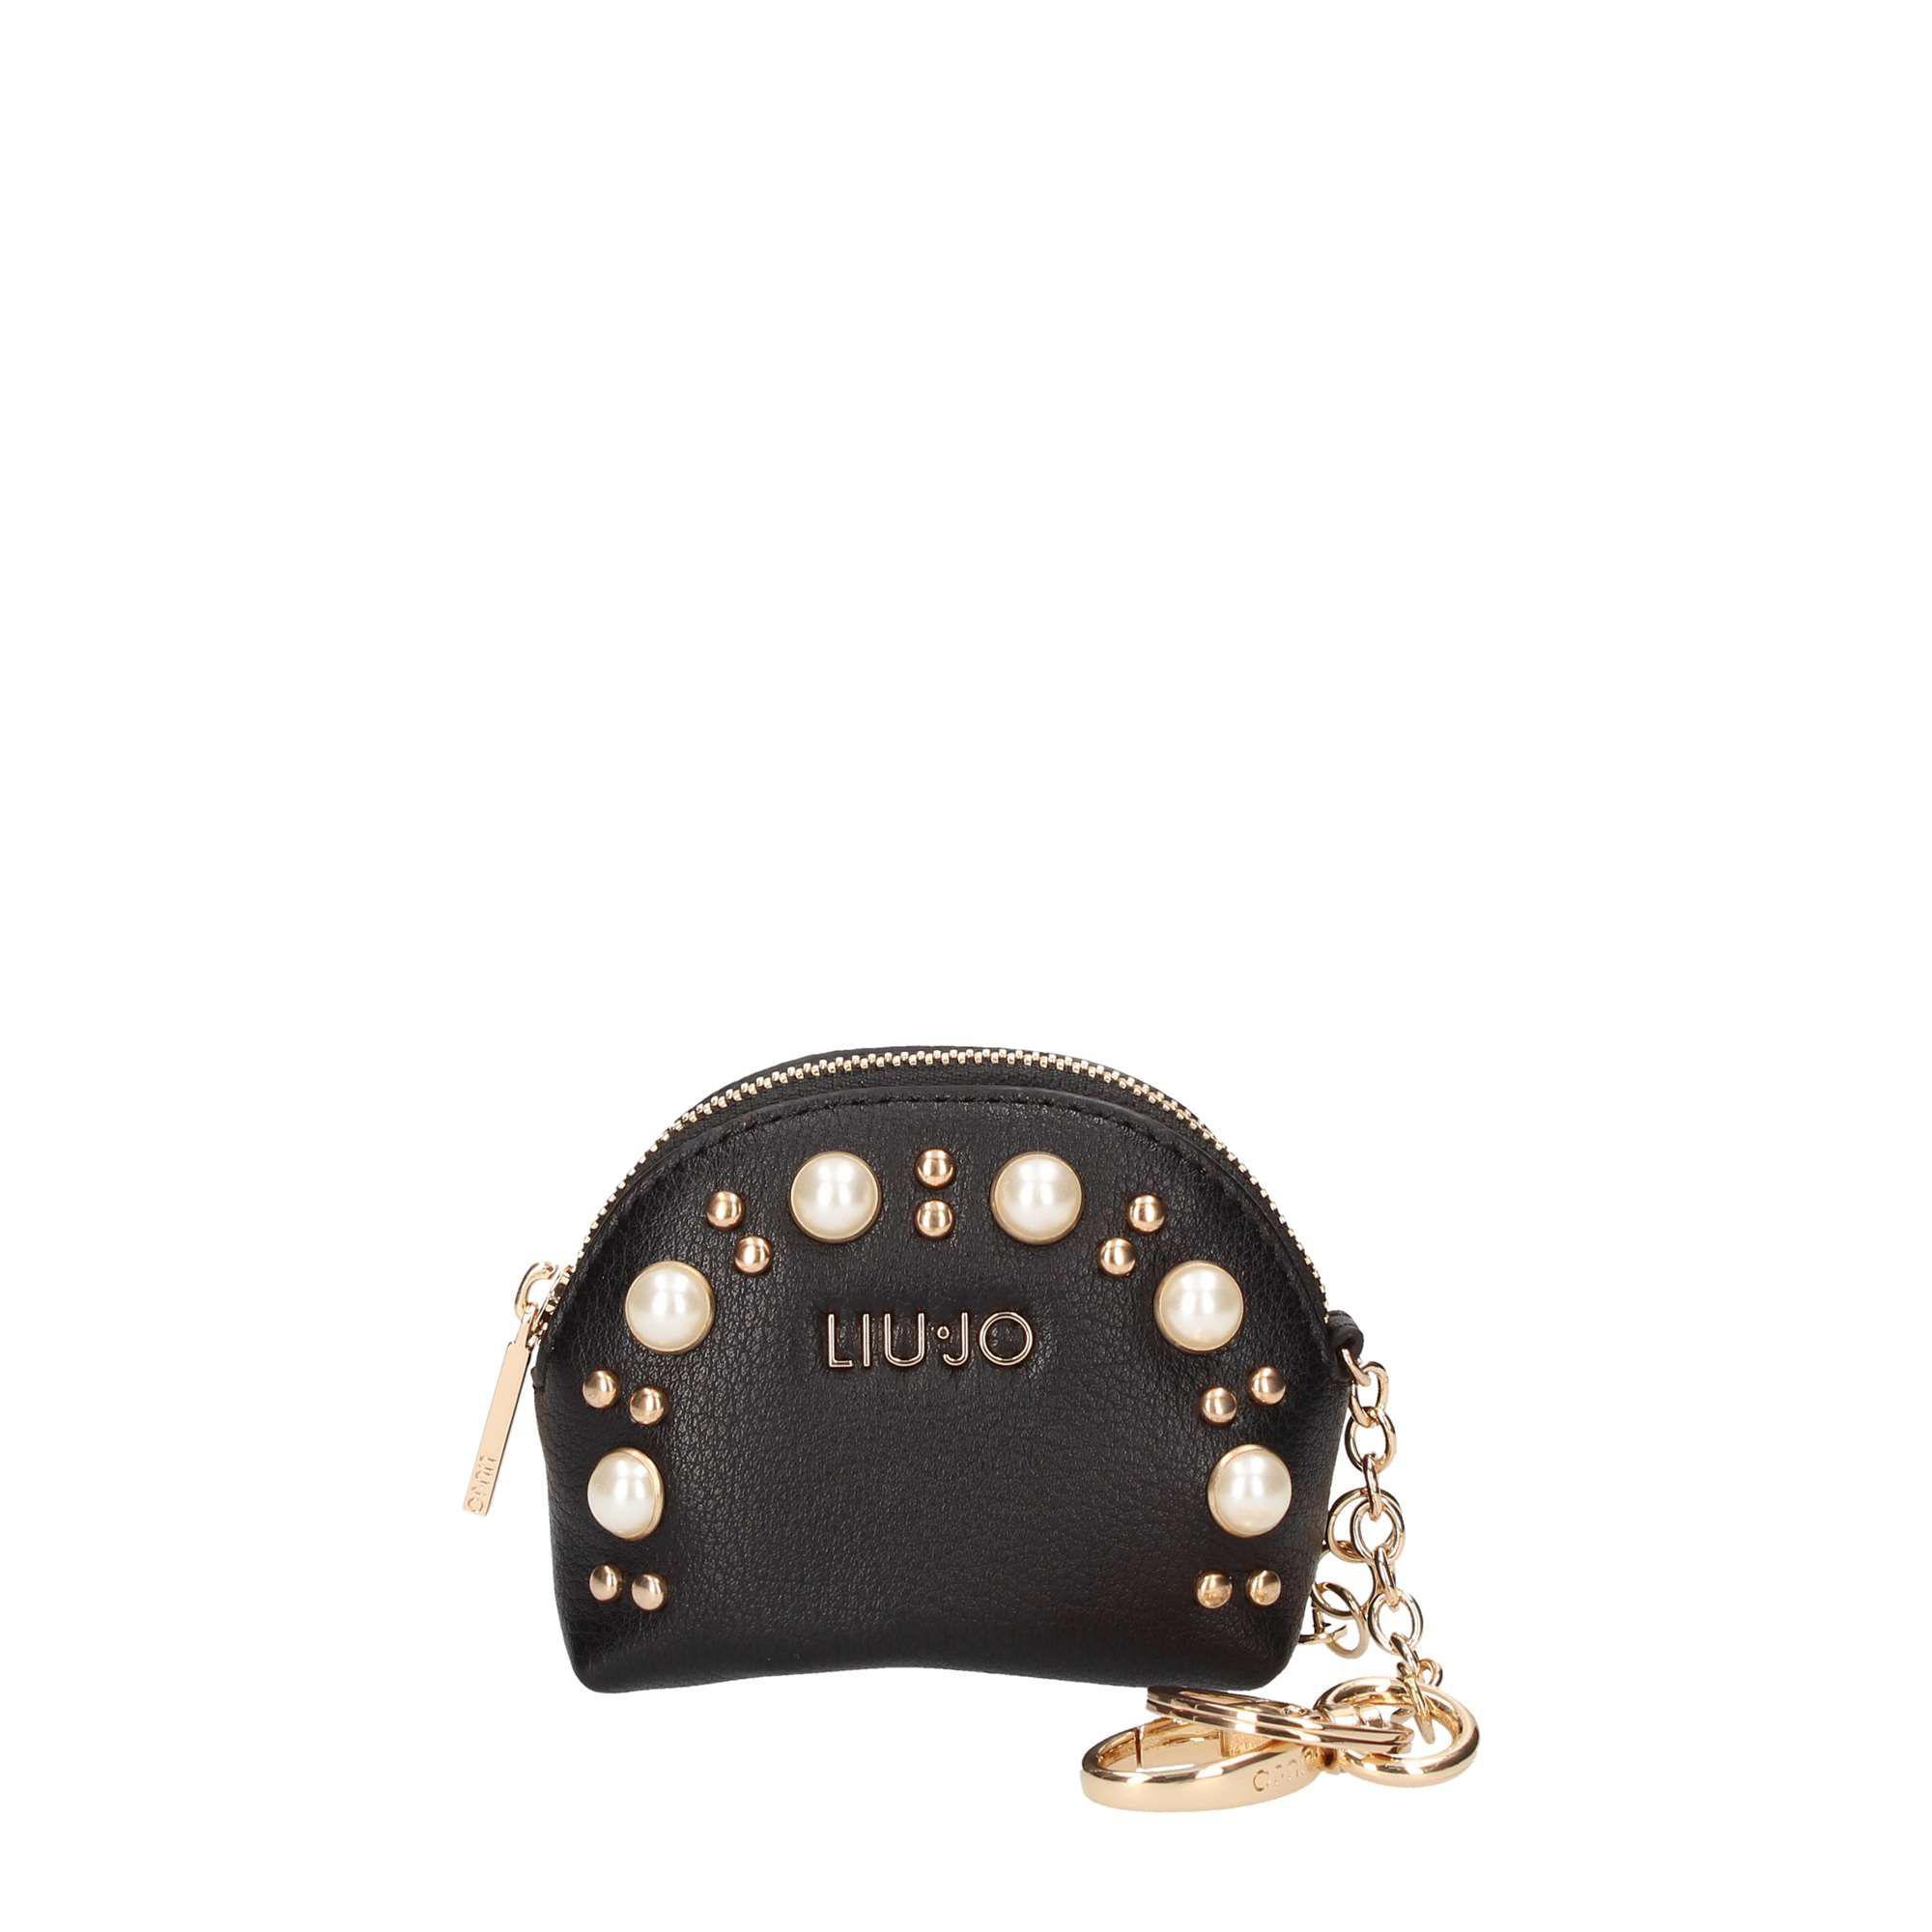 Lyst - Liu Jo Women s Black Faux Leather Key Chain in Black 5980feaf369